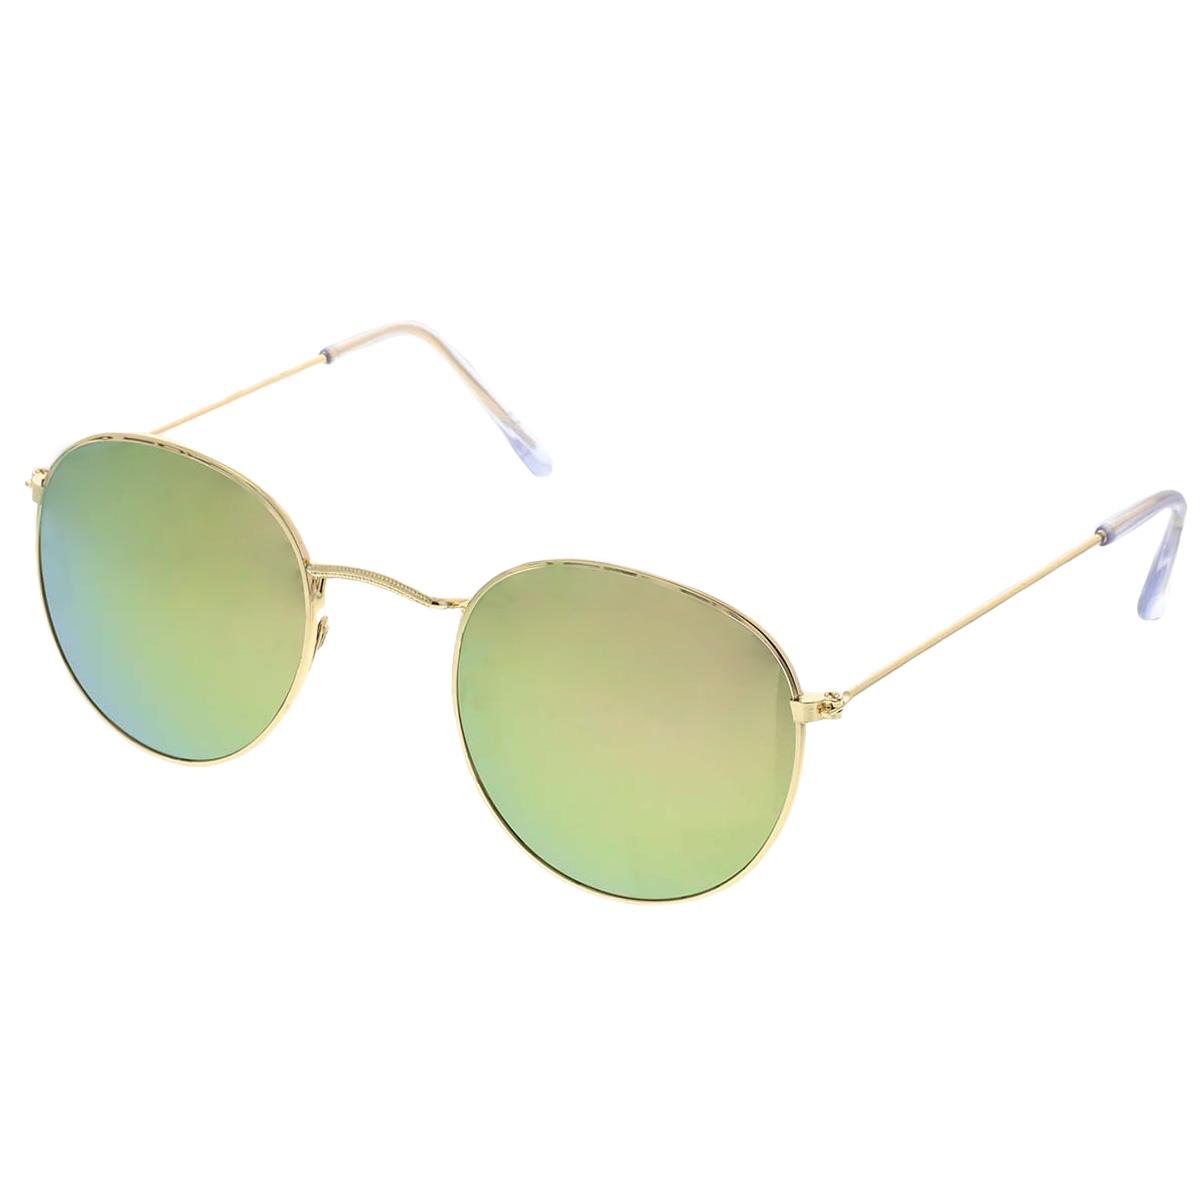 Sluneční brýle Oculos zlaté obroučky růžová skla.